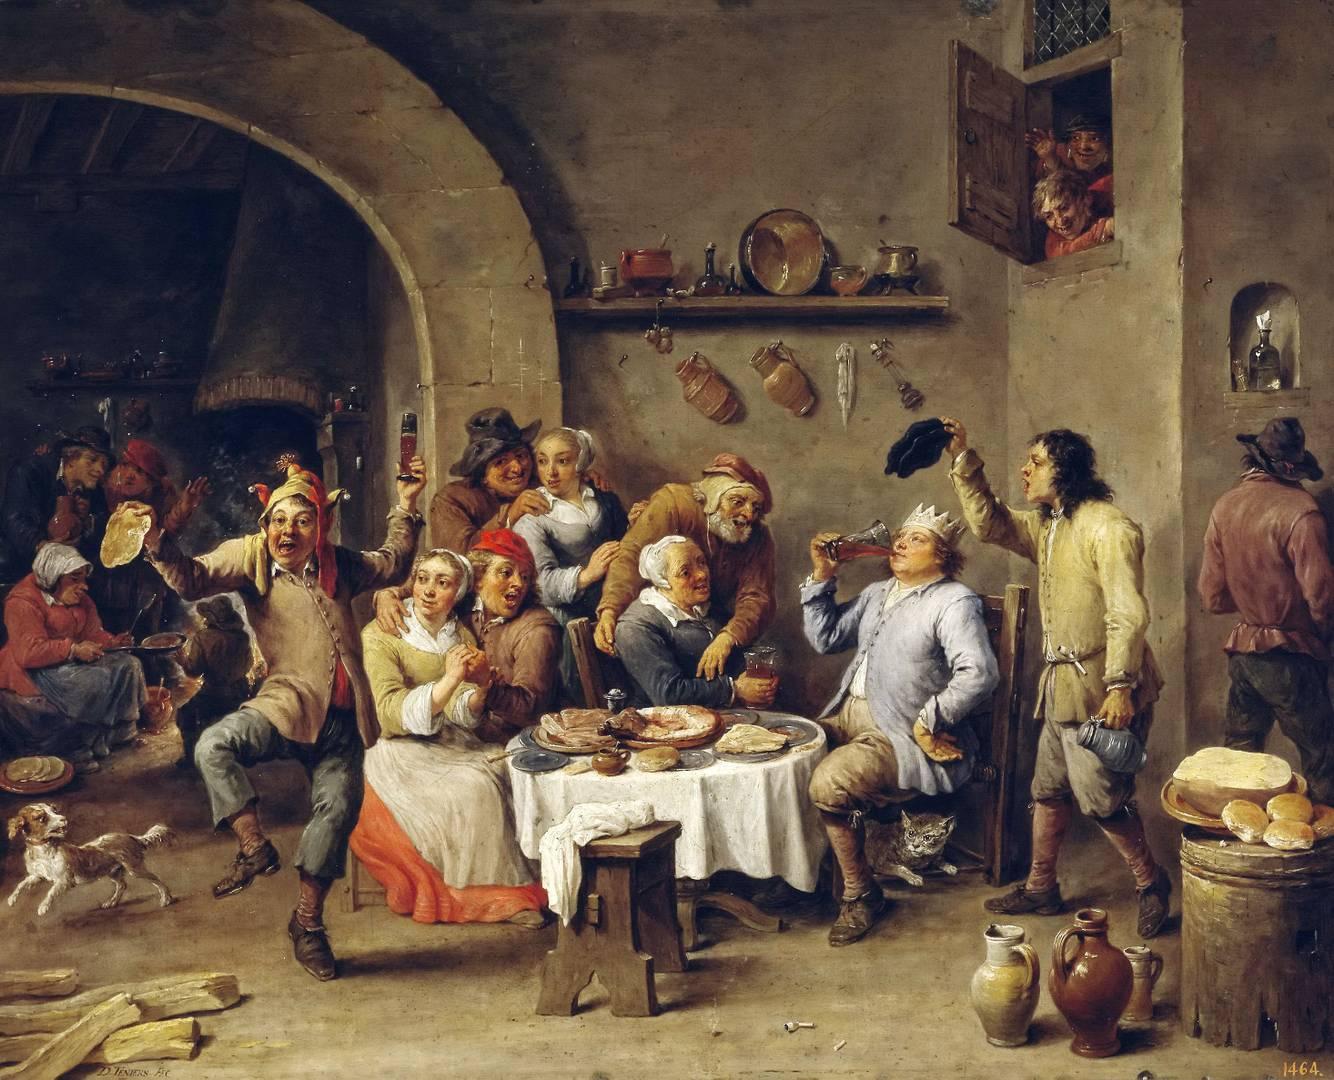 Давид Тенирс Младший. Король пьет (Двенадцатая ночь). 1634-1640